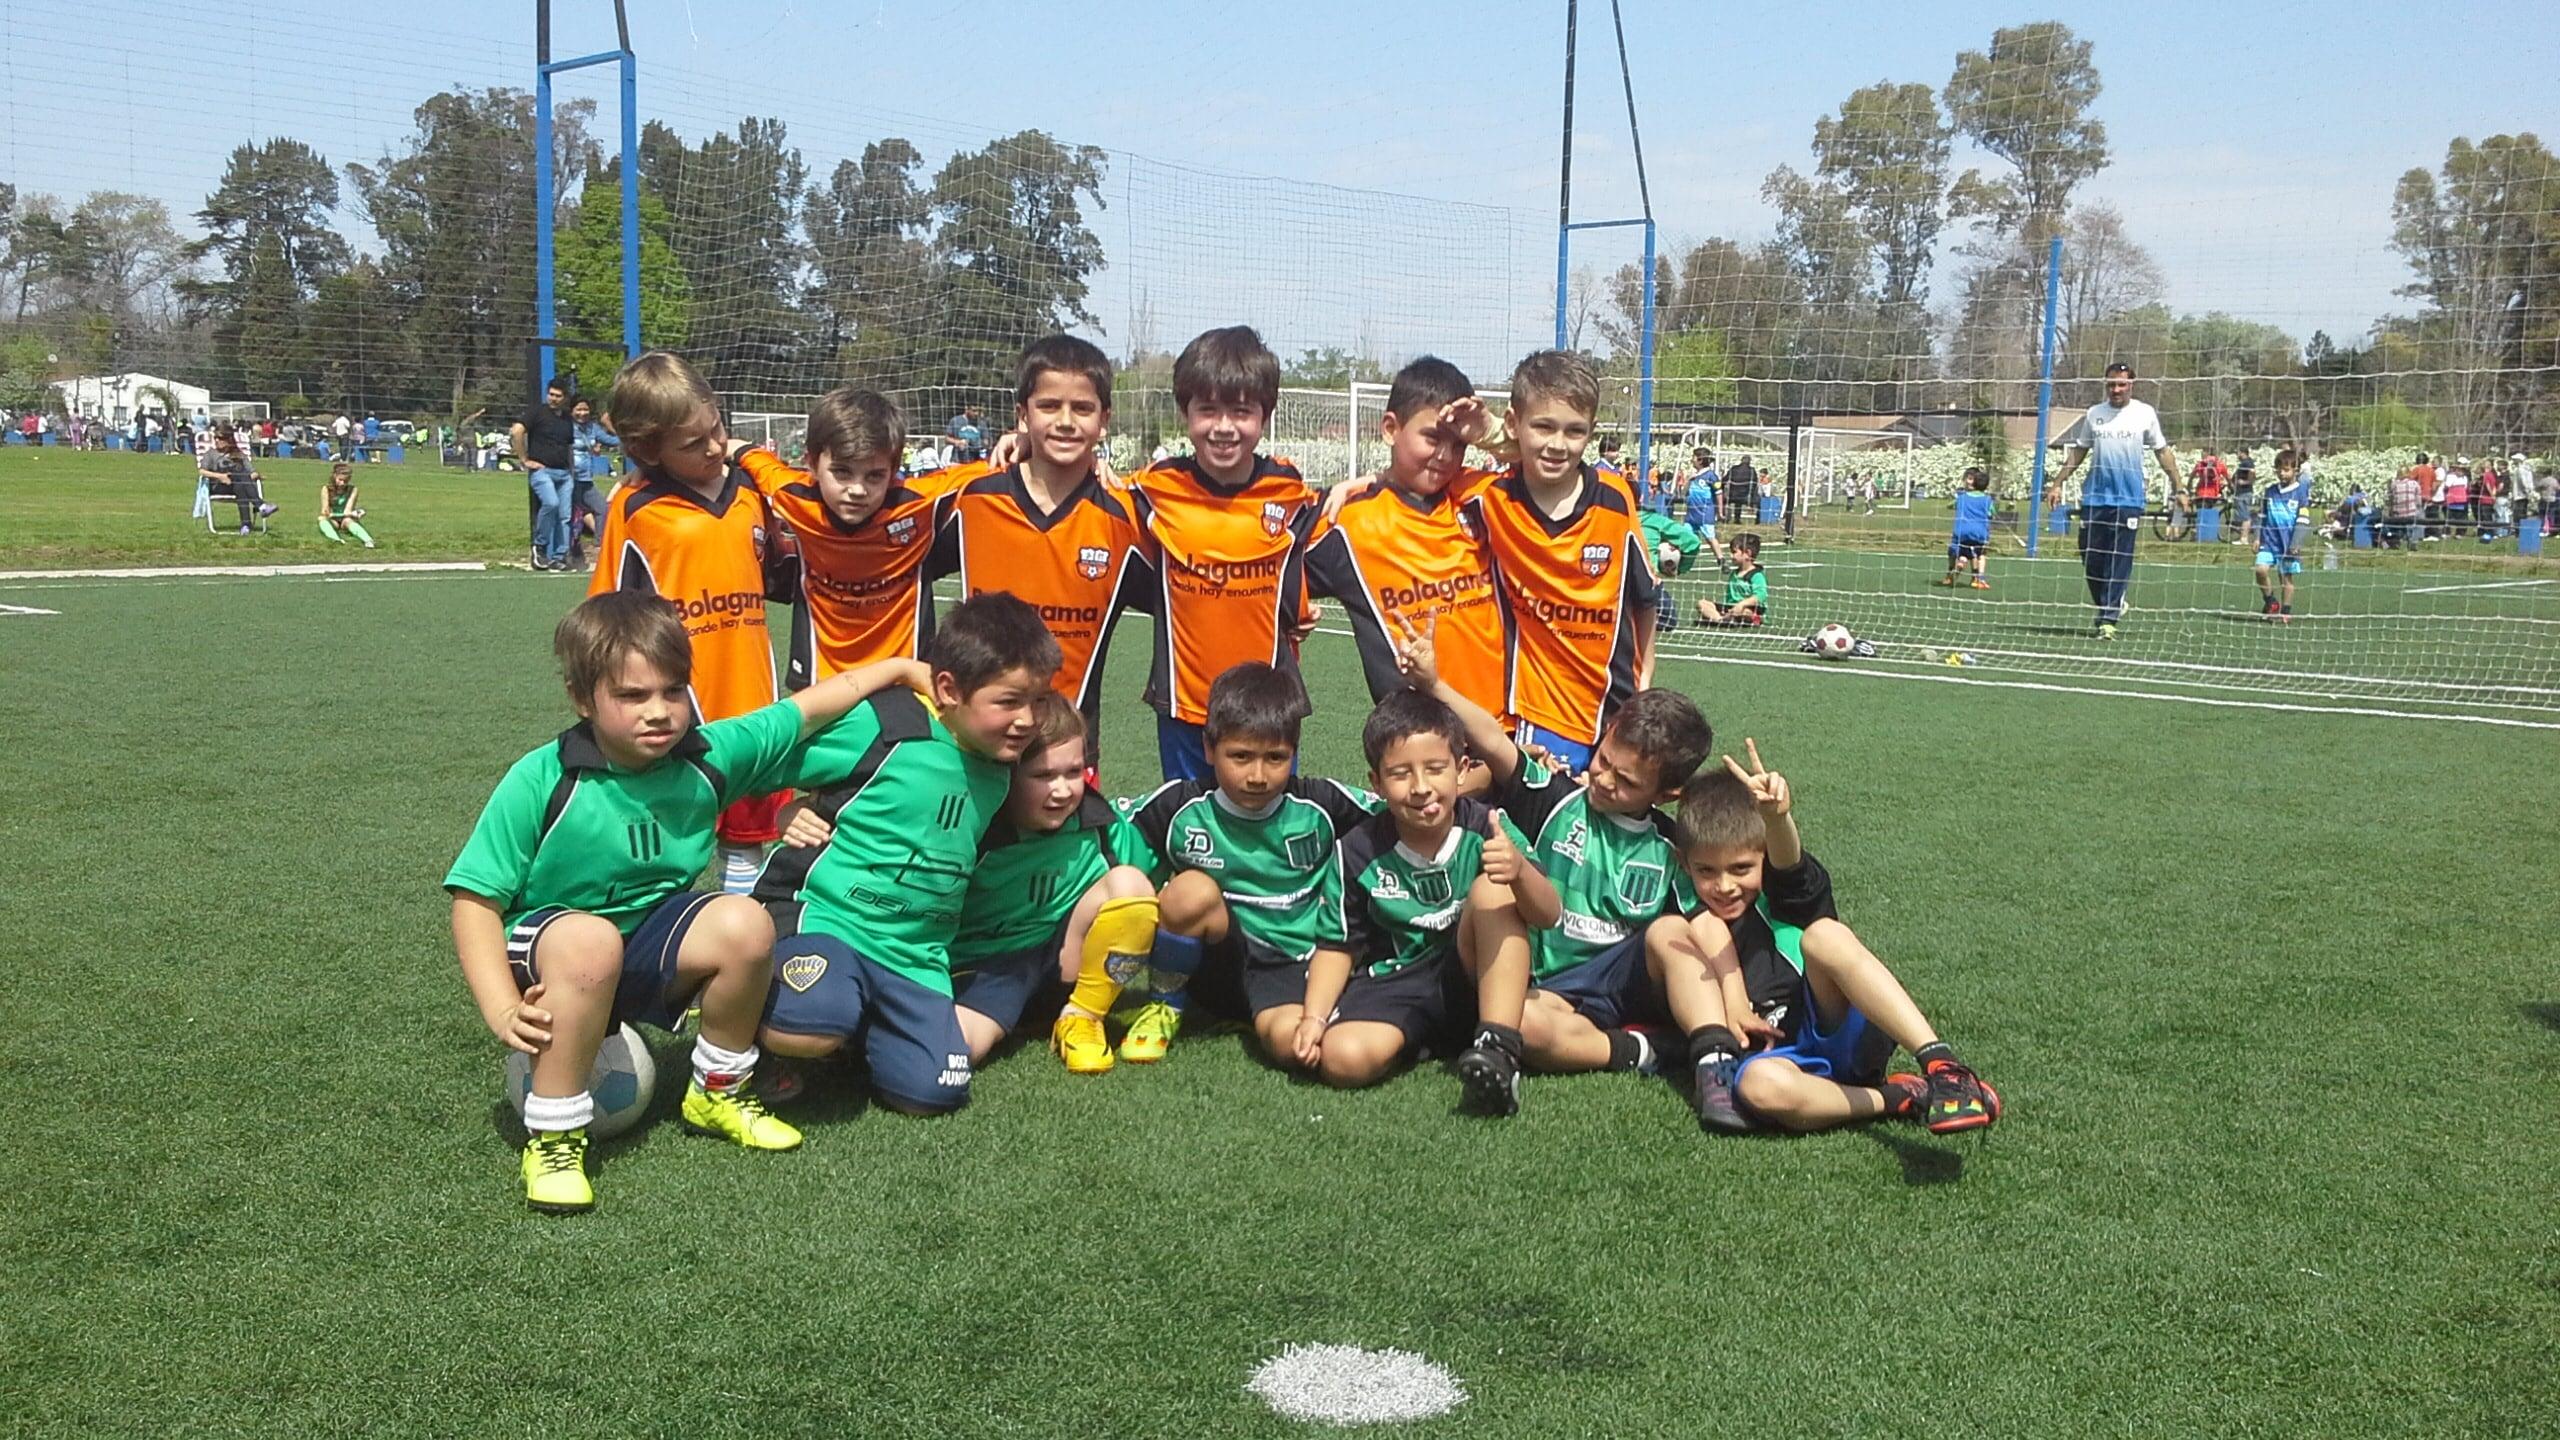 Equipo de Independiente de Escobar y Bolagama previo a uno de los partidos